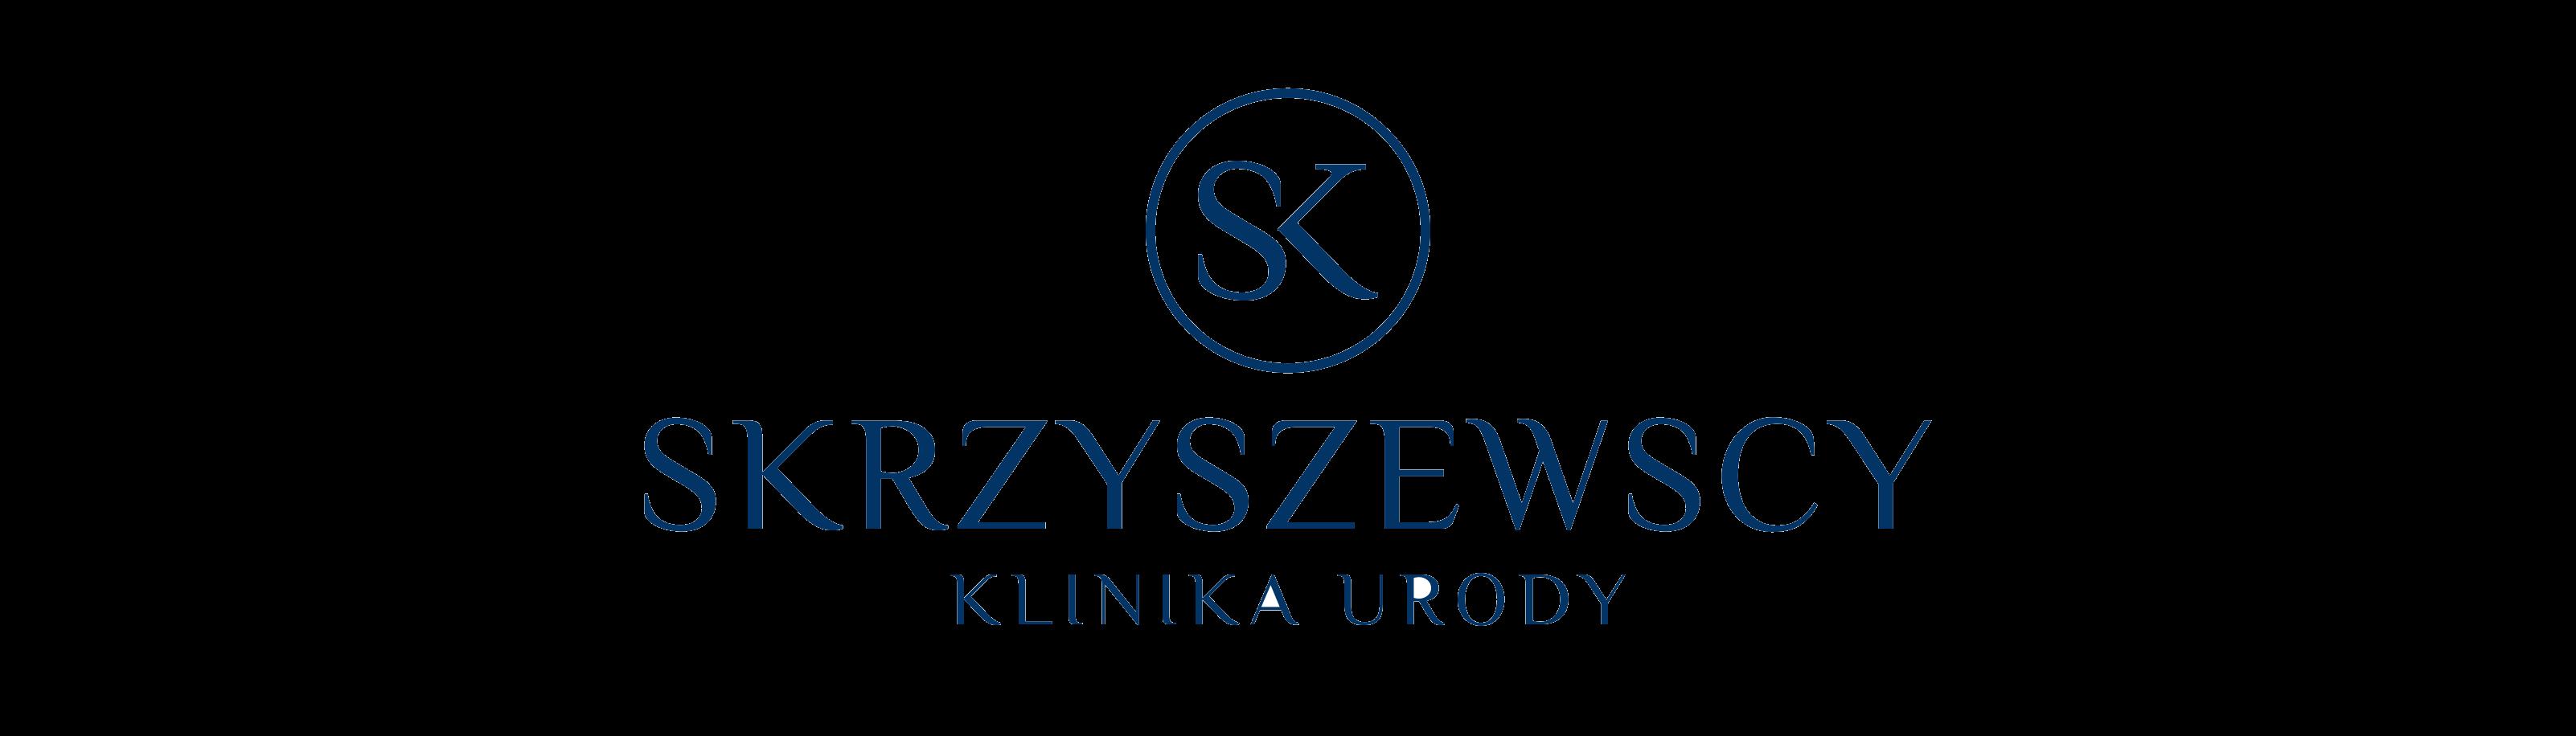 Skrzyszewscy Klinka Urody